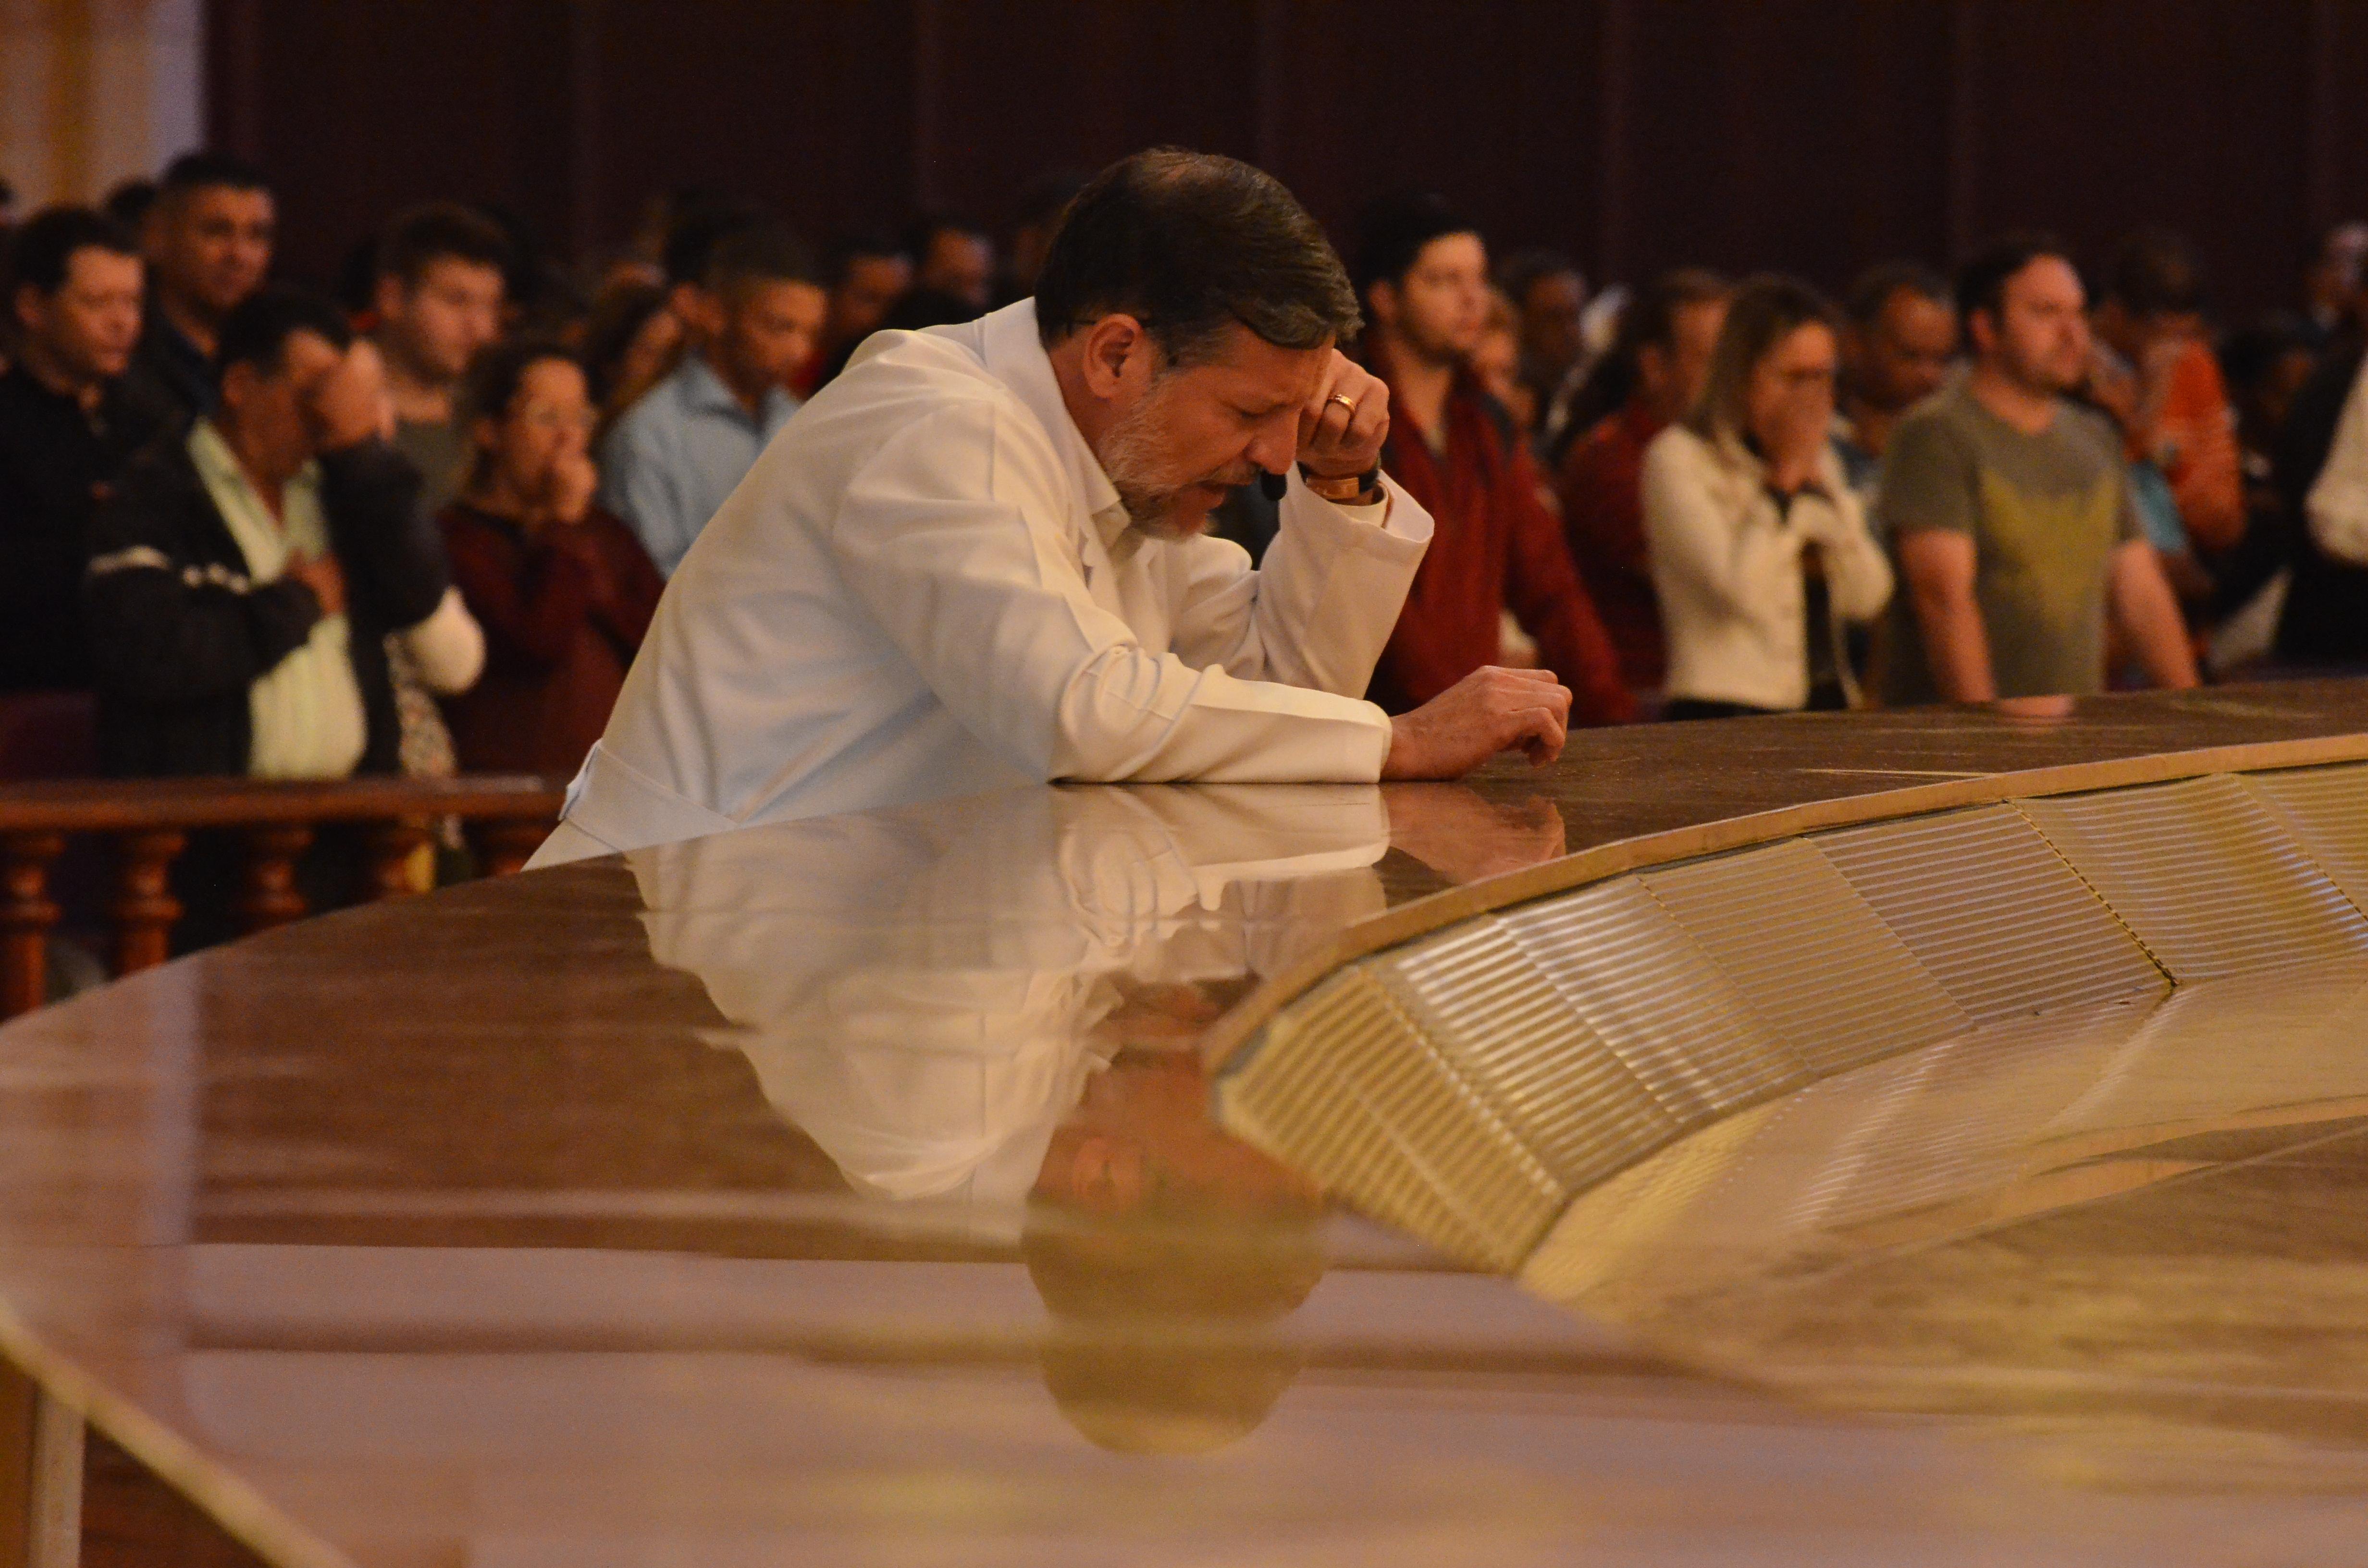 91 minutos de fé e oração4 min read